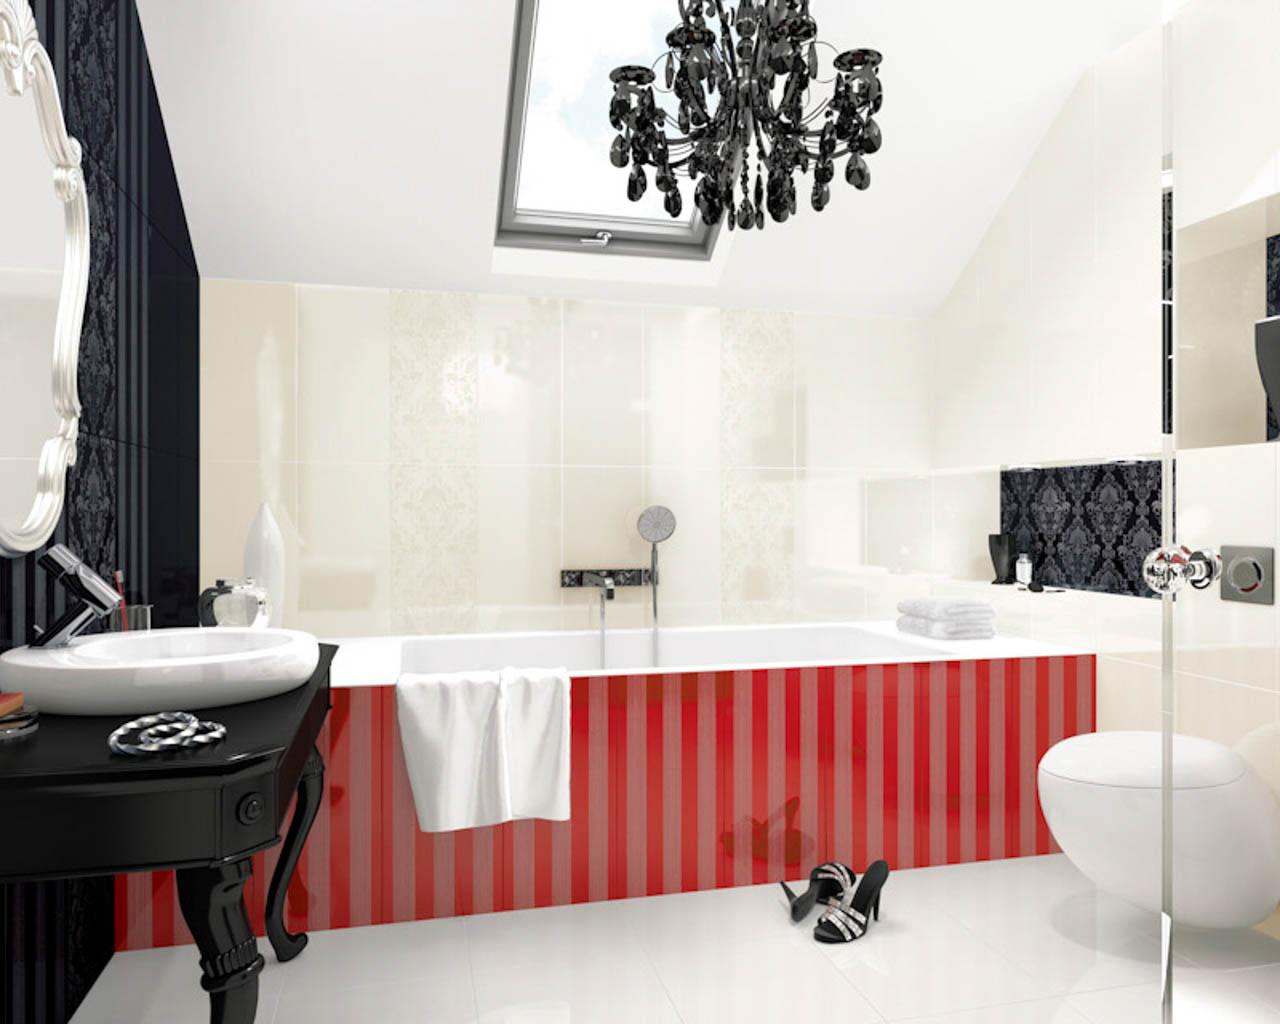 Biało-czarna łazienka z czerwonymi dodatkami w stylu glamour